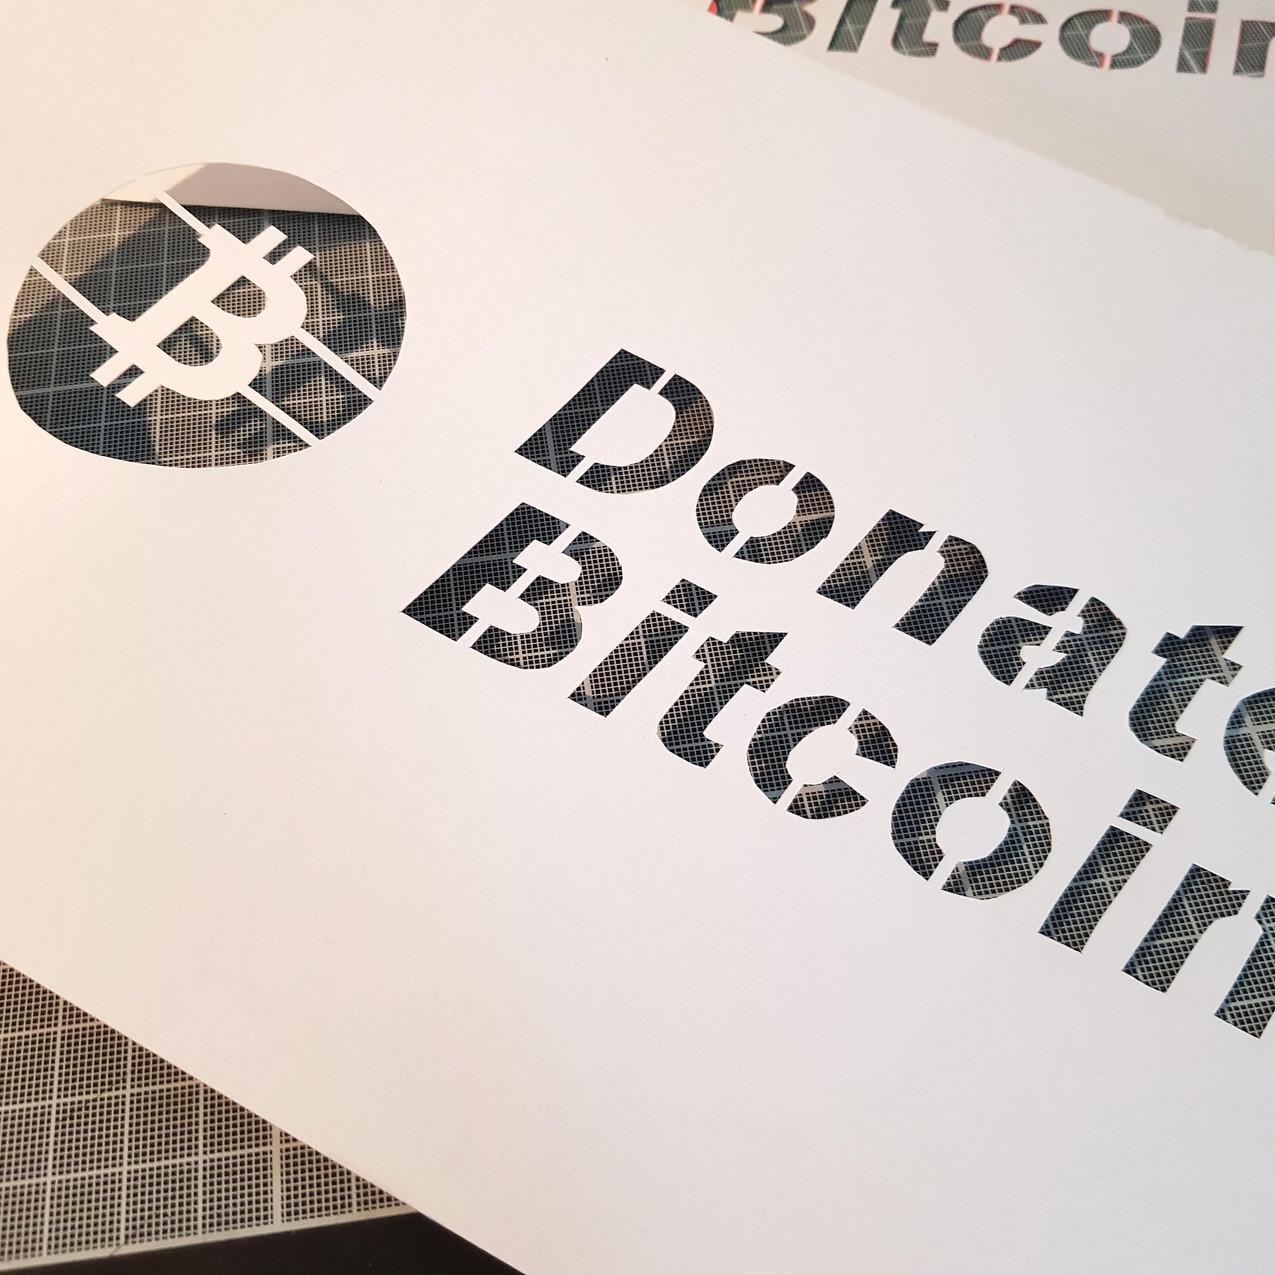 Tutorial-Donate-Bitcoin-stencil-4